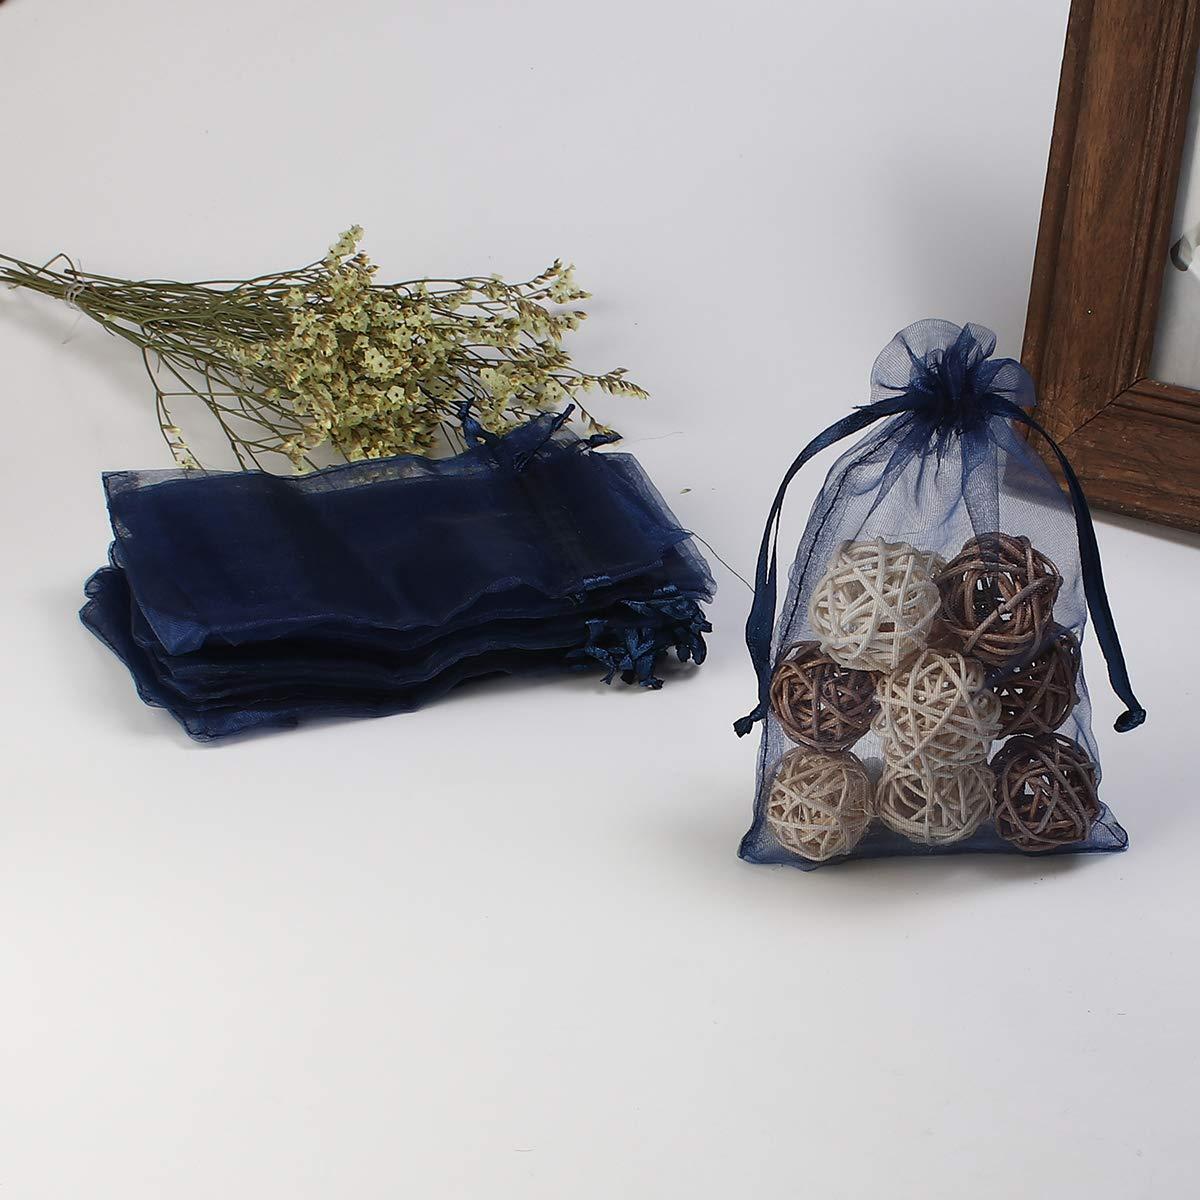 Sadingo Organzabeutel Beige Geschenkbeutel 10 St/ück Organzas/äckchen mit Zugband Geschenks/äckchen Organza 15x10 cm